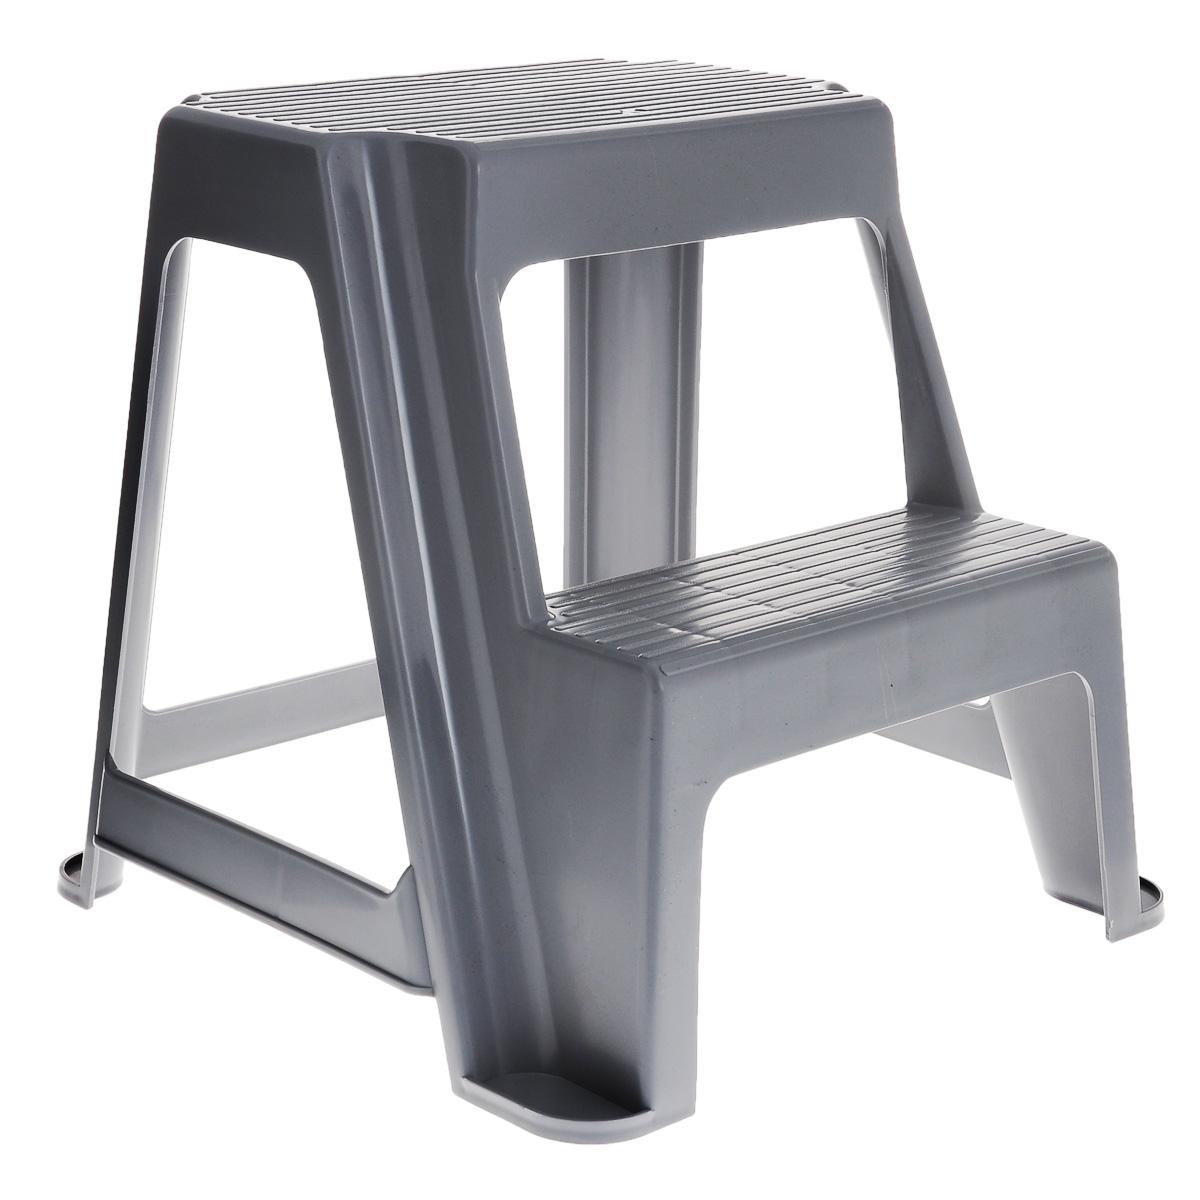 Табурет универсальный Idea со ступенькой, цвет: серыйМ 2296Удобный и практичный табурет со ступенькой. Незаменимый предмет на кухне и на даче, в гараже и домашней библиотеке. Облегчит доступ к верхним полкам в домашнем пространстве. Легкий и прочный, выполняет две функции сразу: табурет и стремянка. Благодаря своей конструкции, табурет очень устойчив.Размер табурета: 39 см х 23 см.Высота ступеньки: 23 см.Ширина ступеньки: 13 см.Общая высота табурета: 46 см.